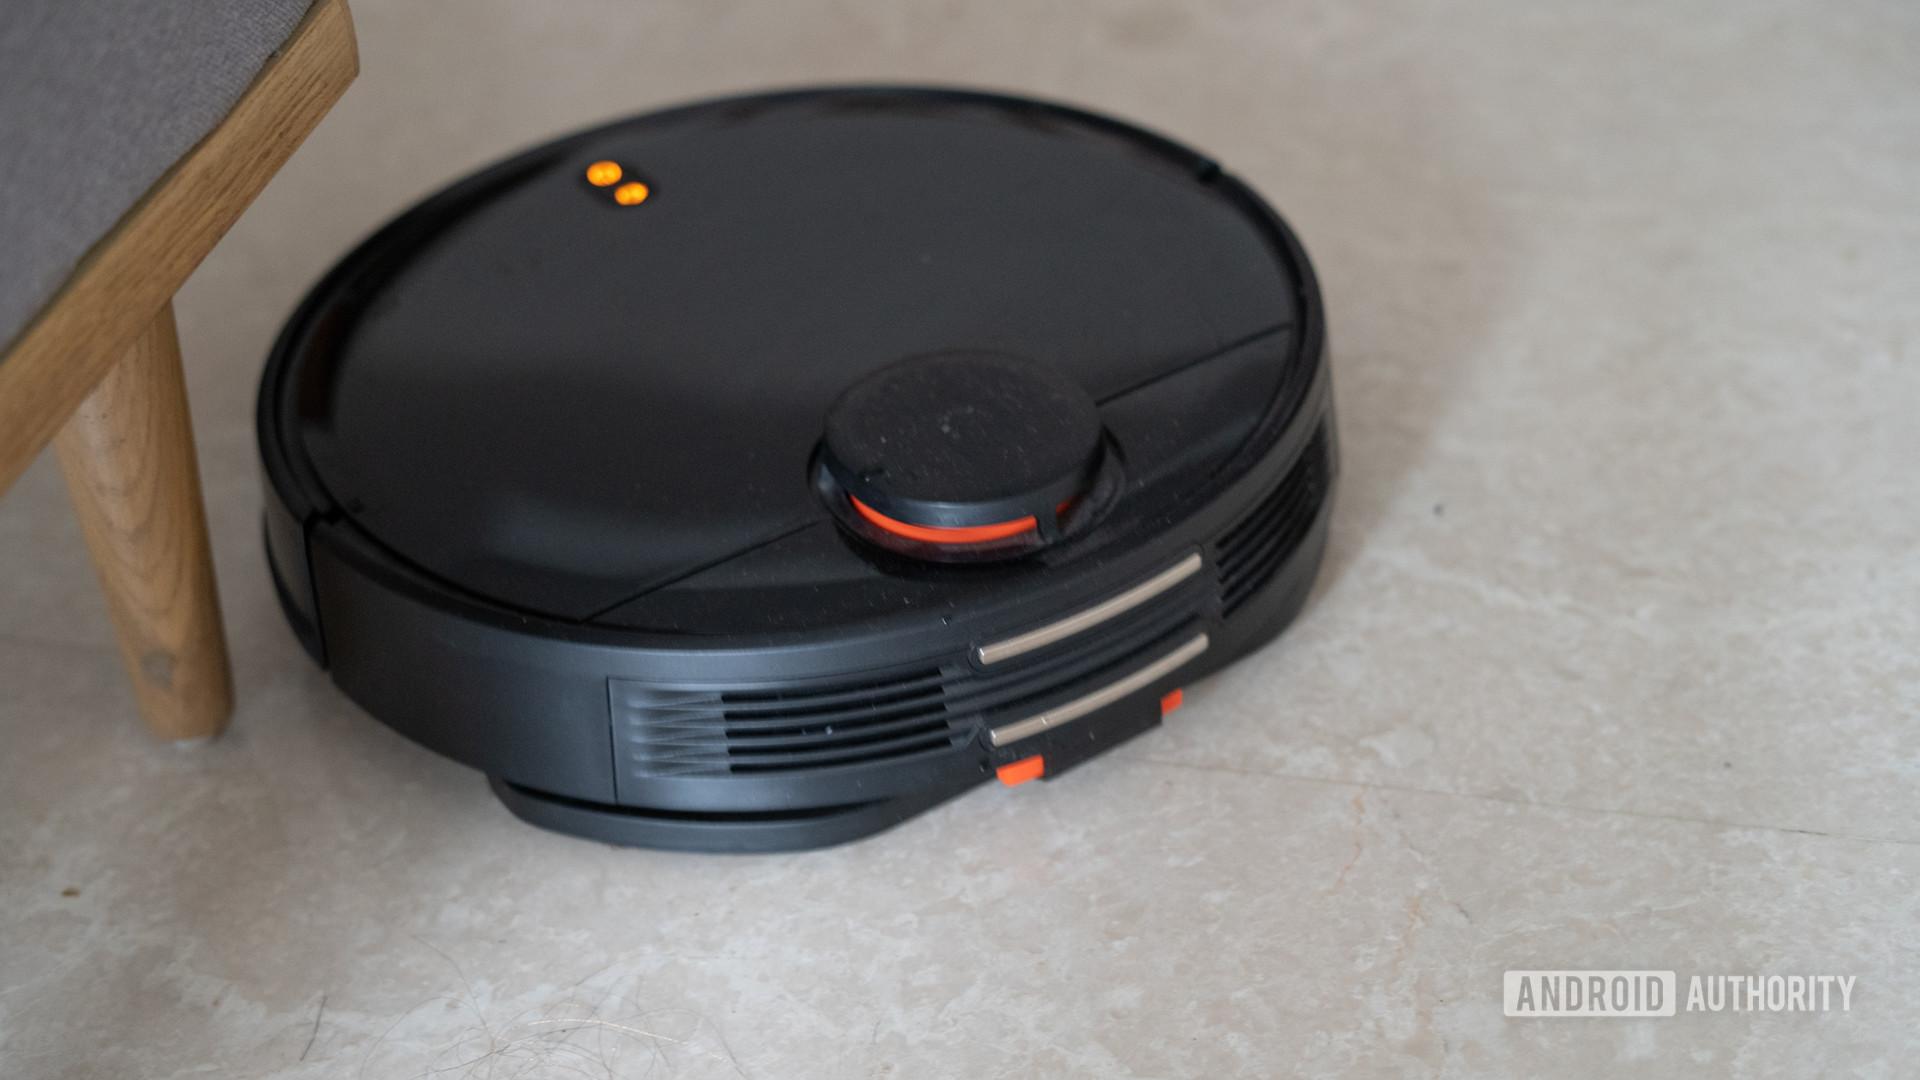 Mi Robot Vacuum Mop P charging contacts